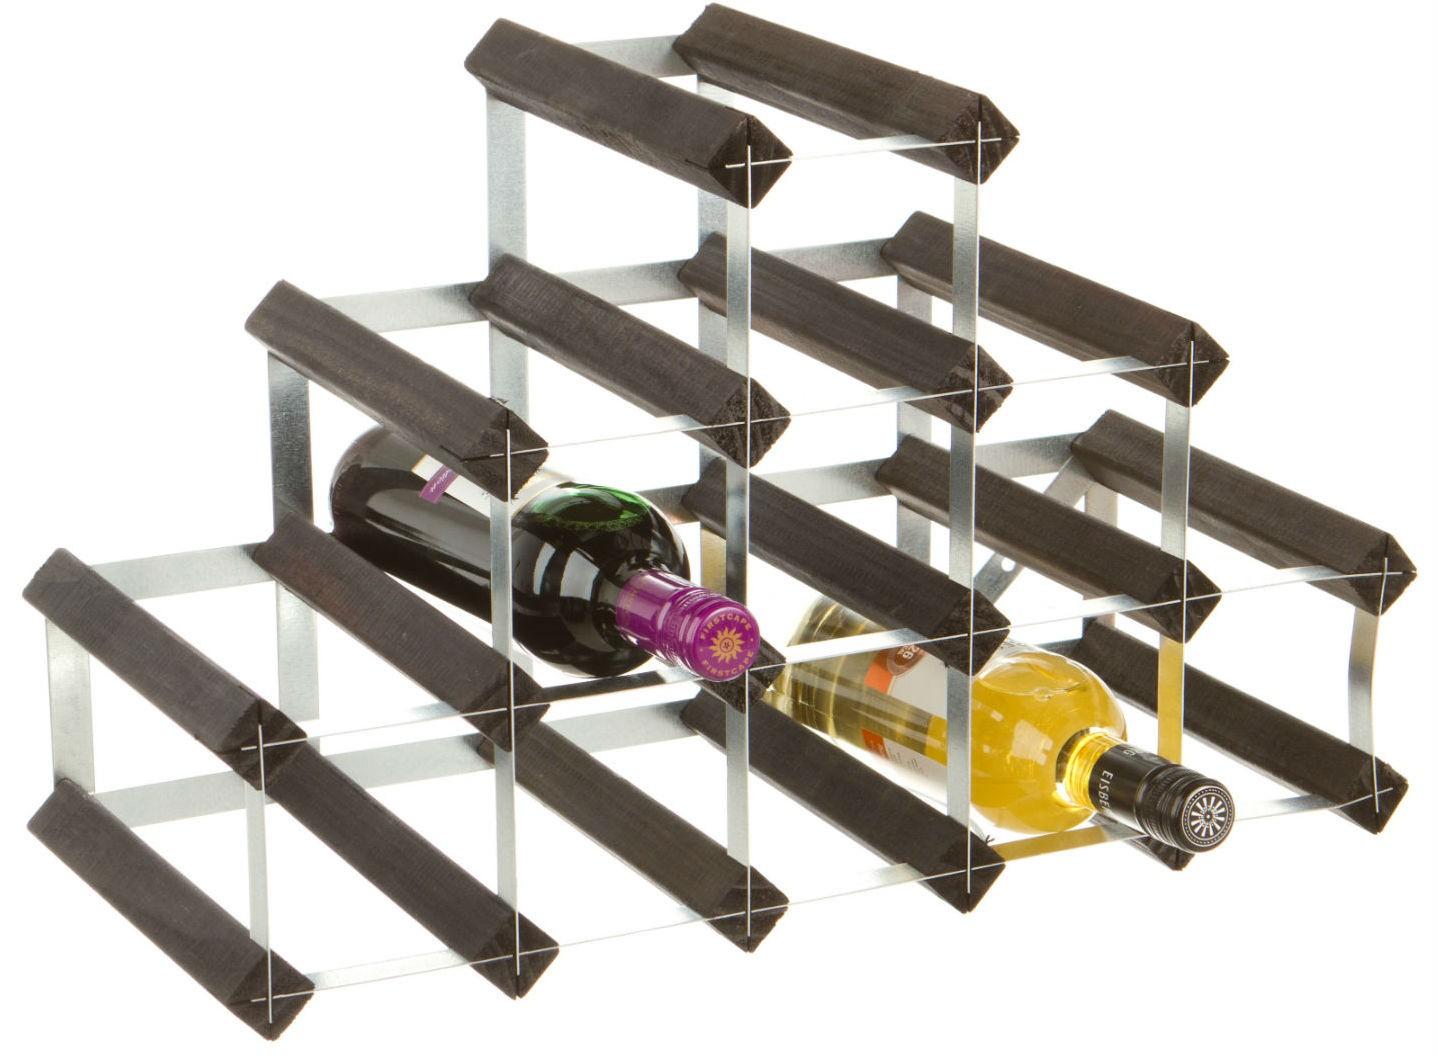 Wood Wine Racks Product